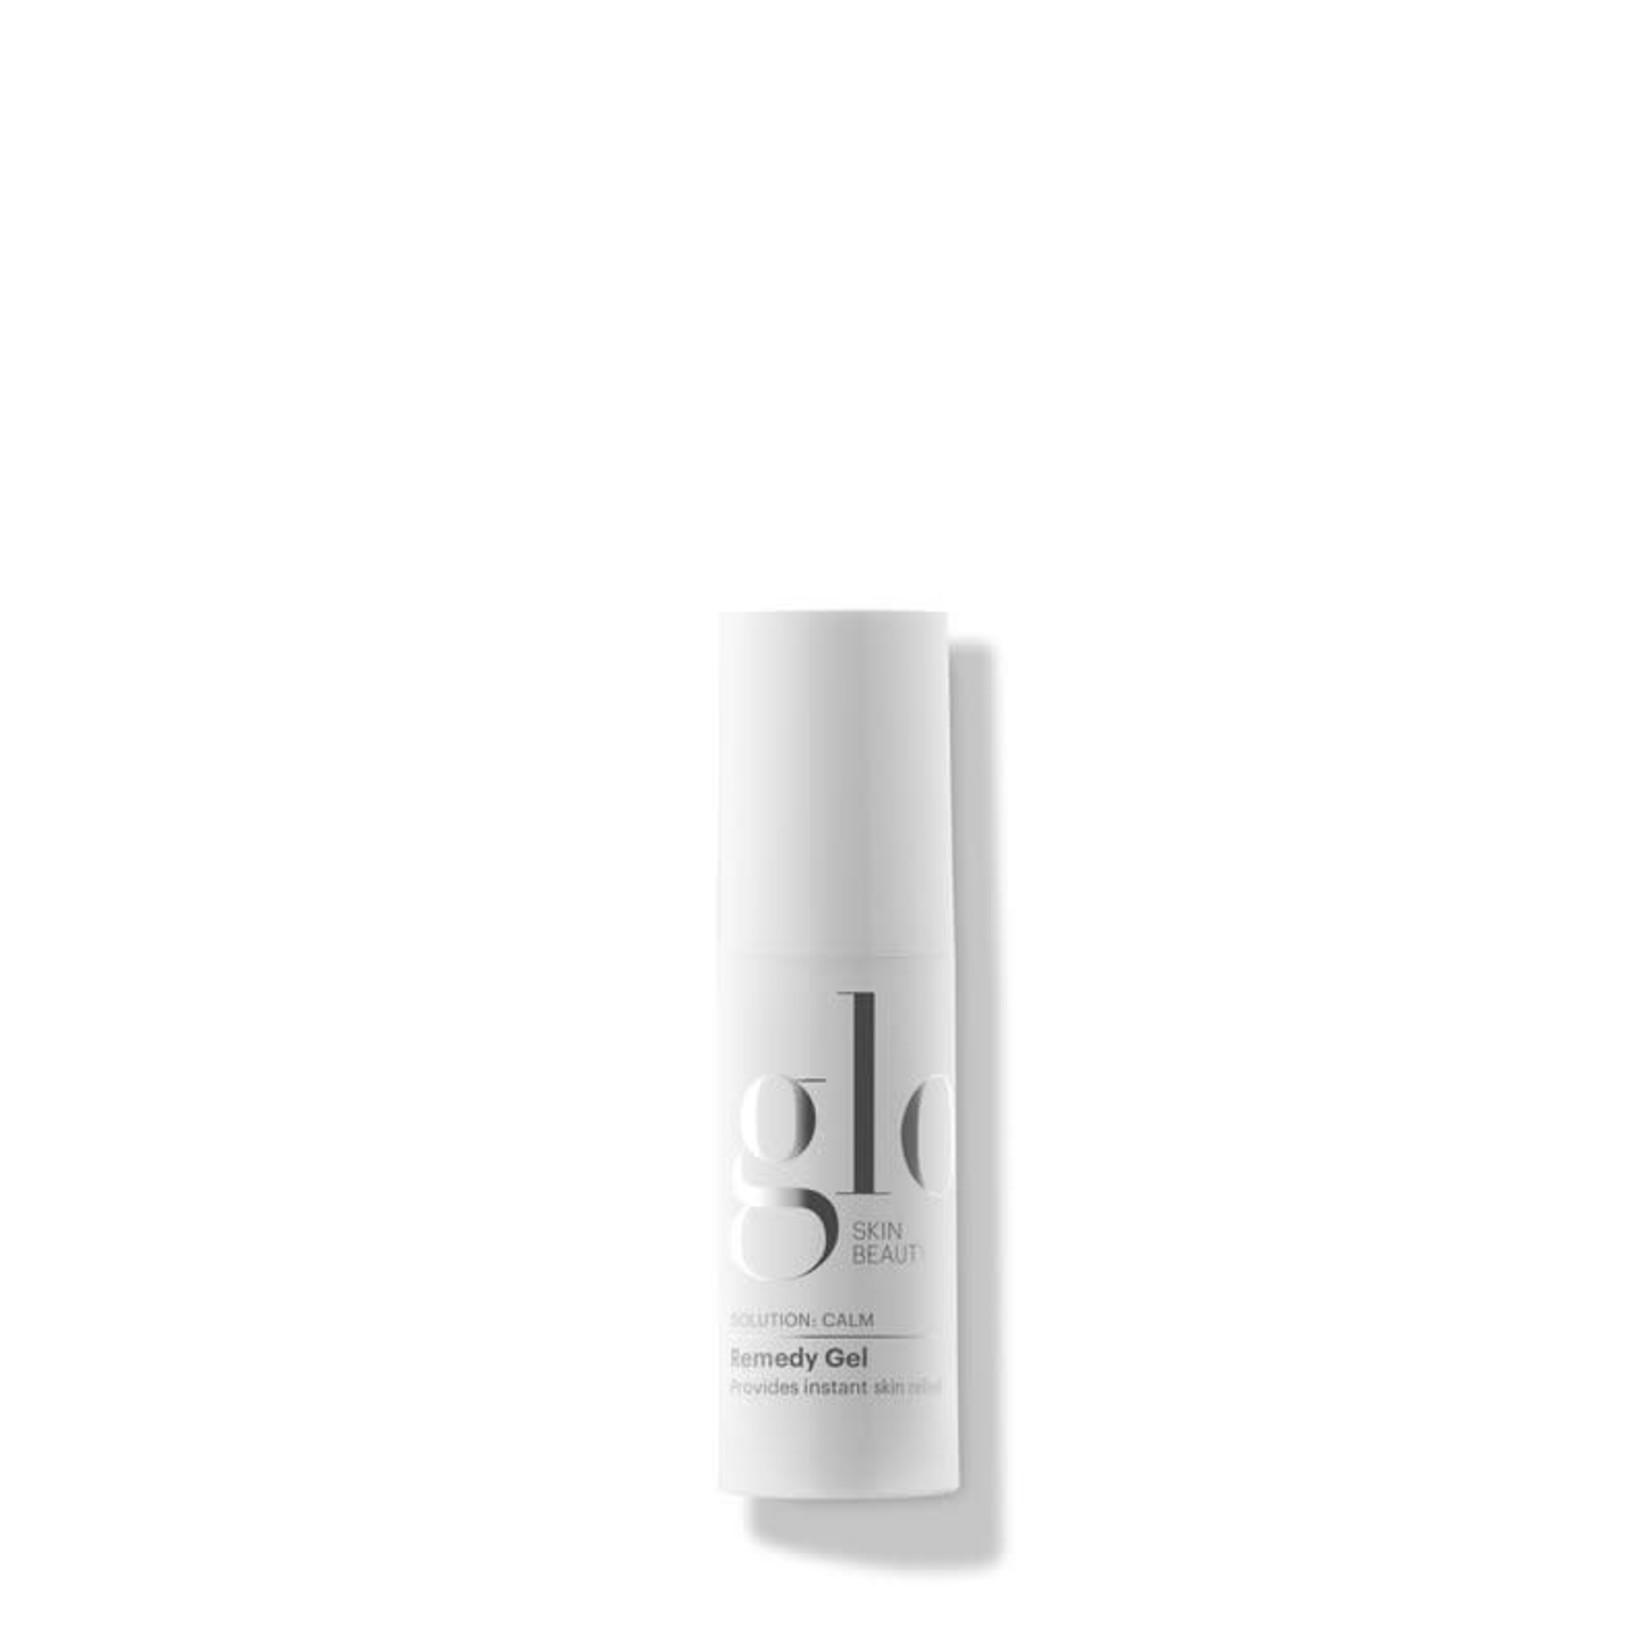 Glo Skin Beauty Remedy Gel